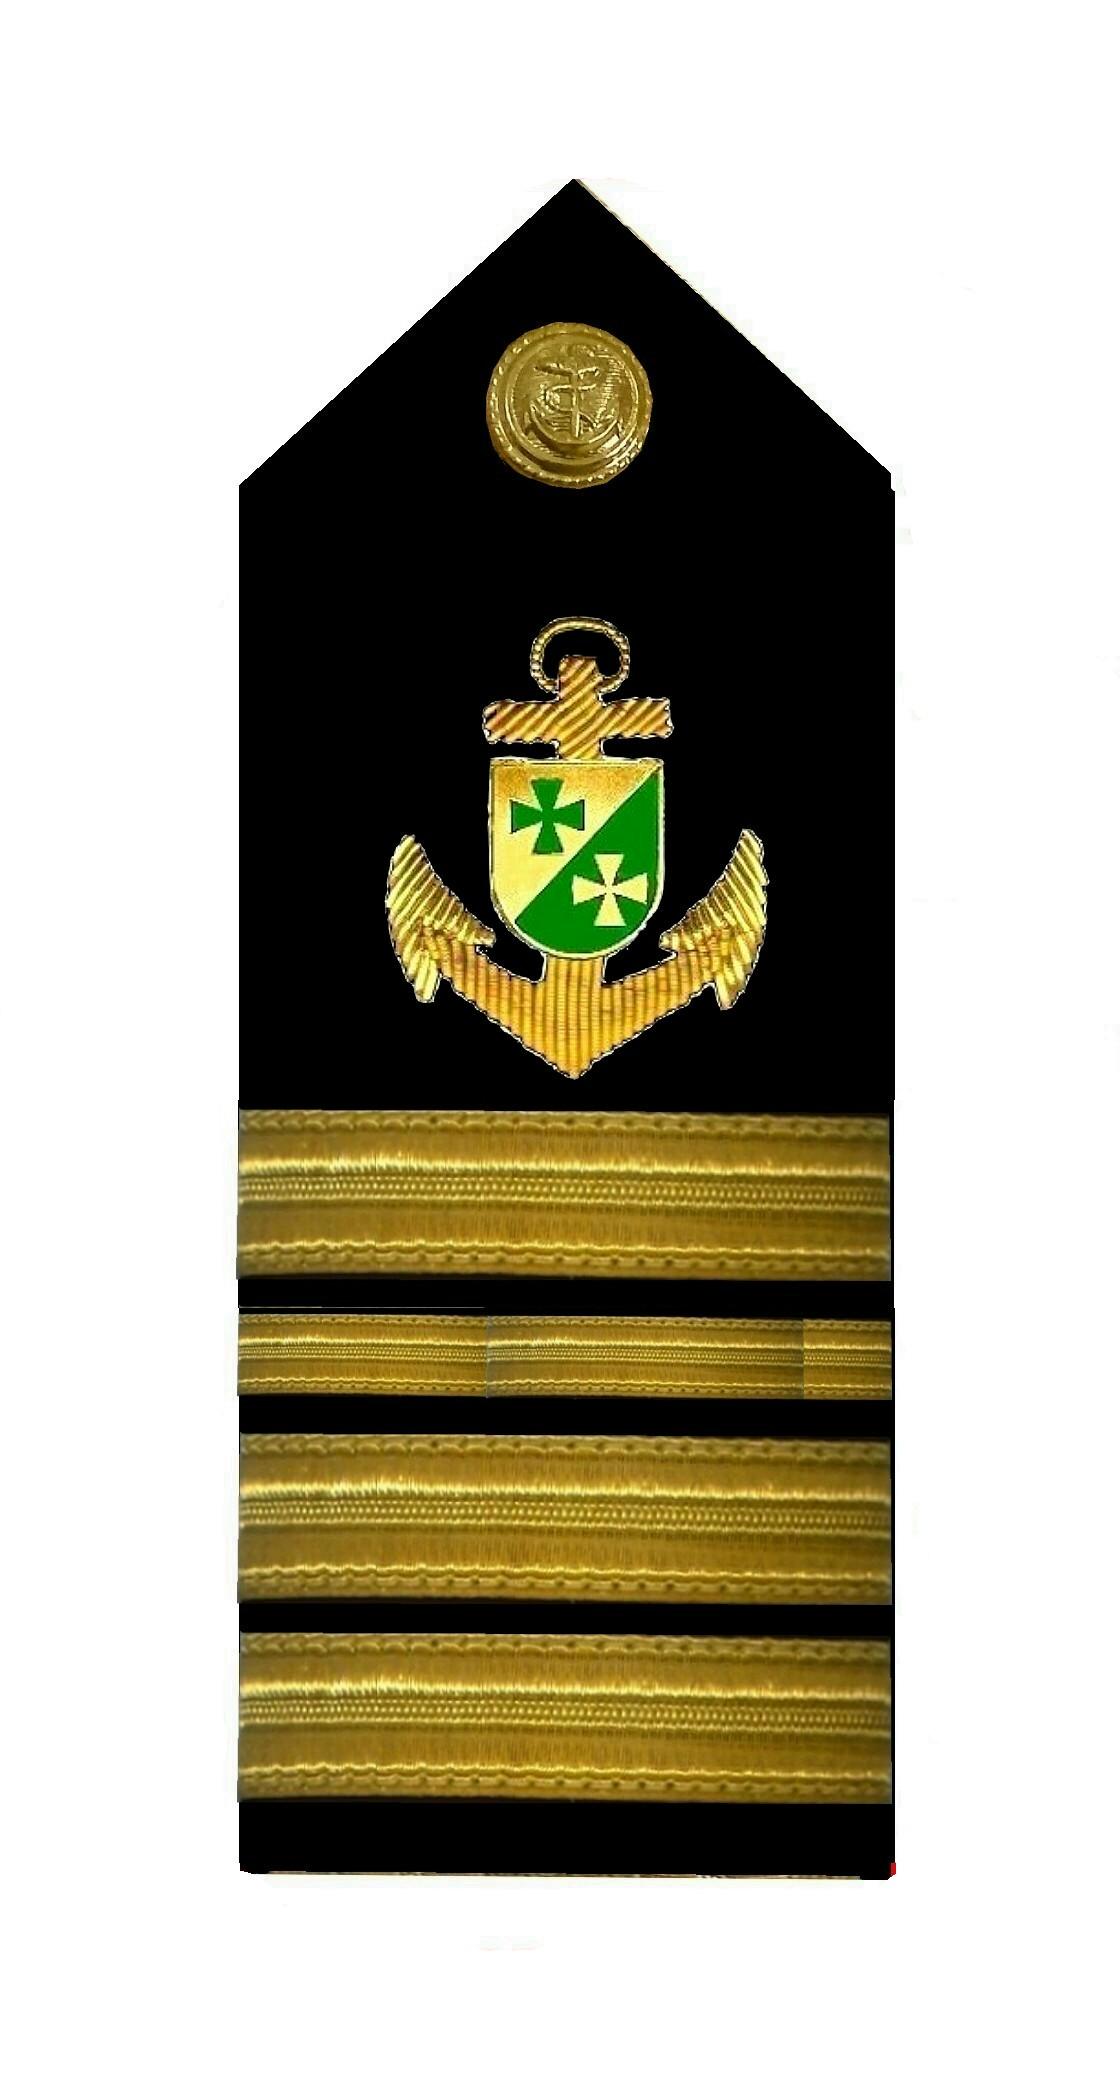 Offcerl Sen. Commander